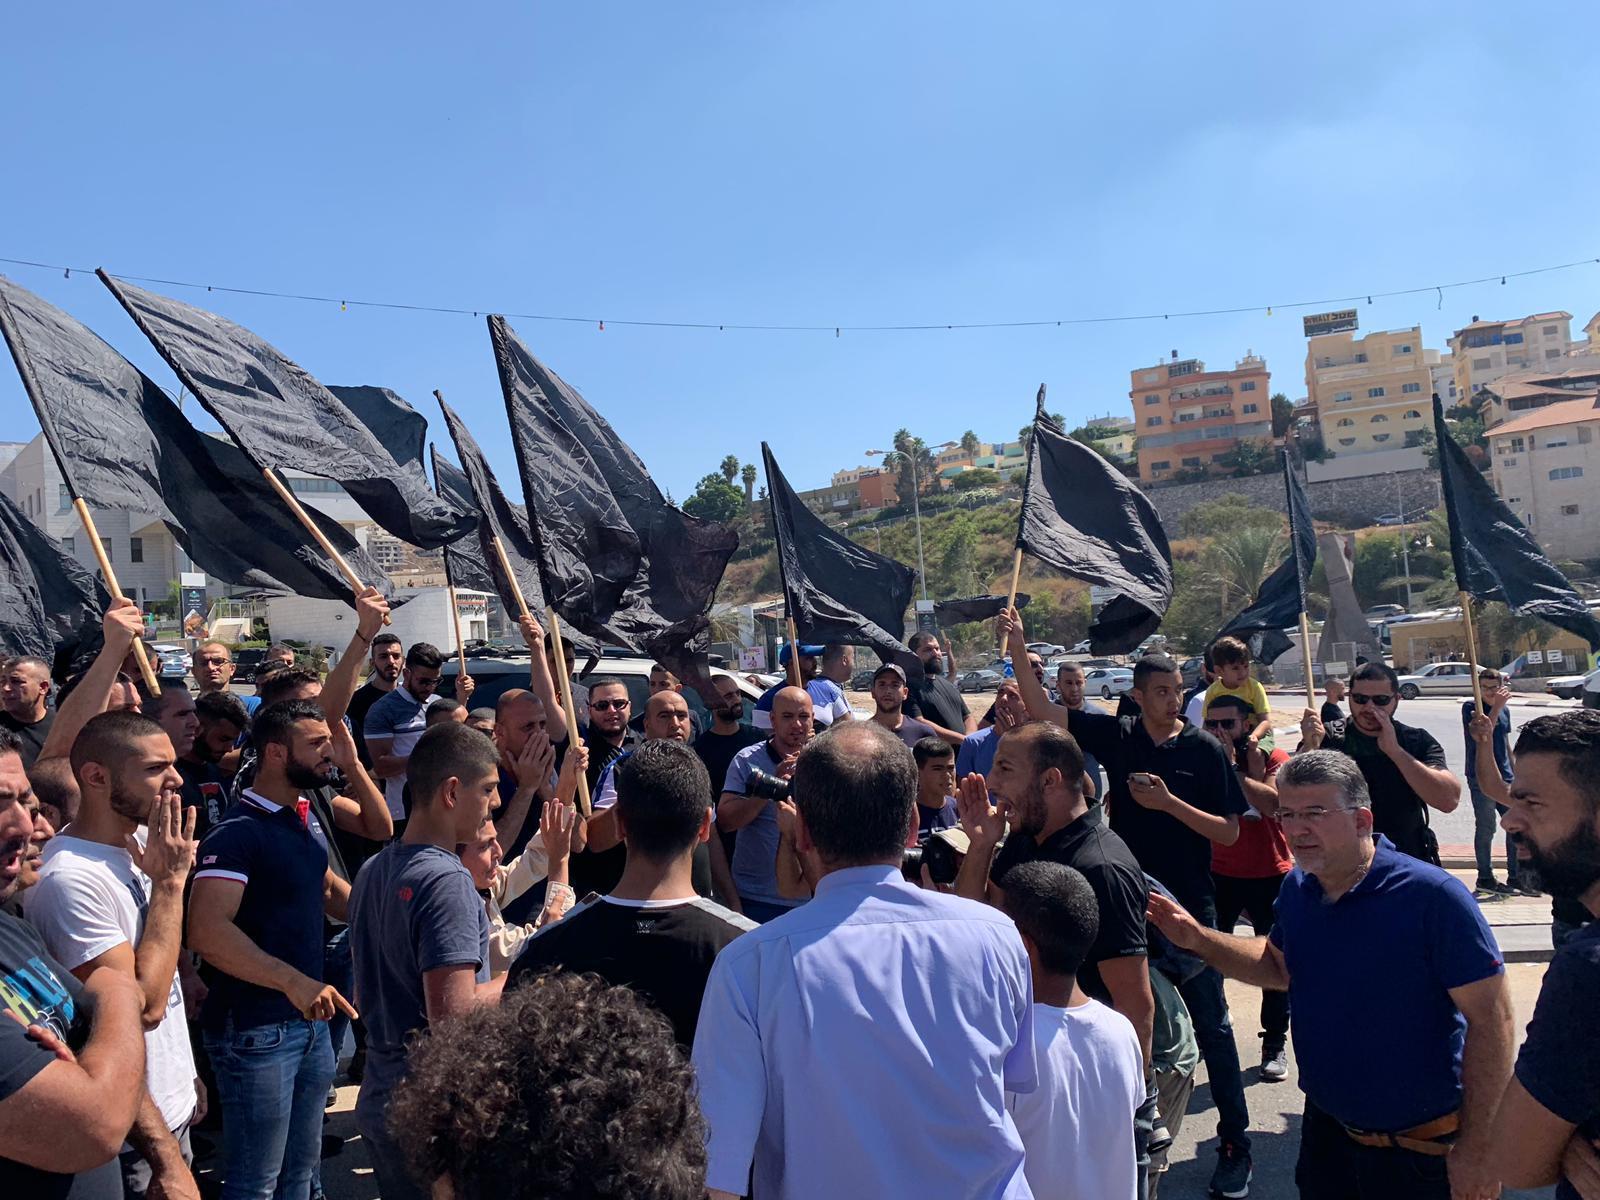 أم الفحم: مظاهرة احتجاج على الجريمة وتواطؤ الشرطة